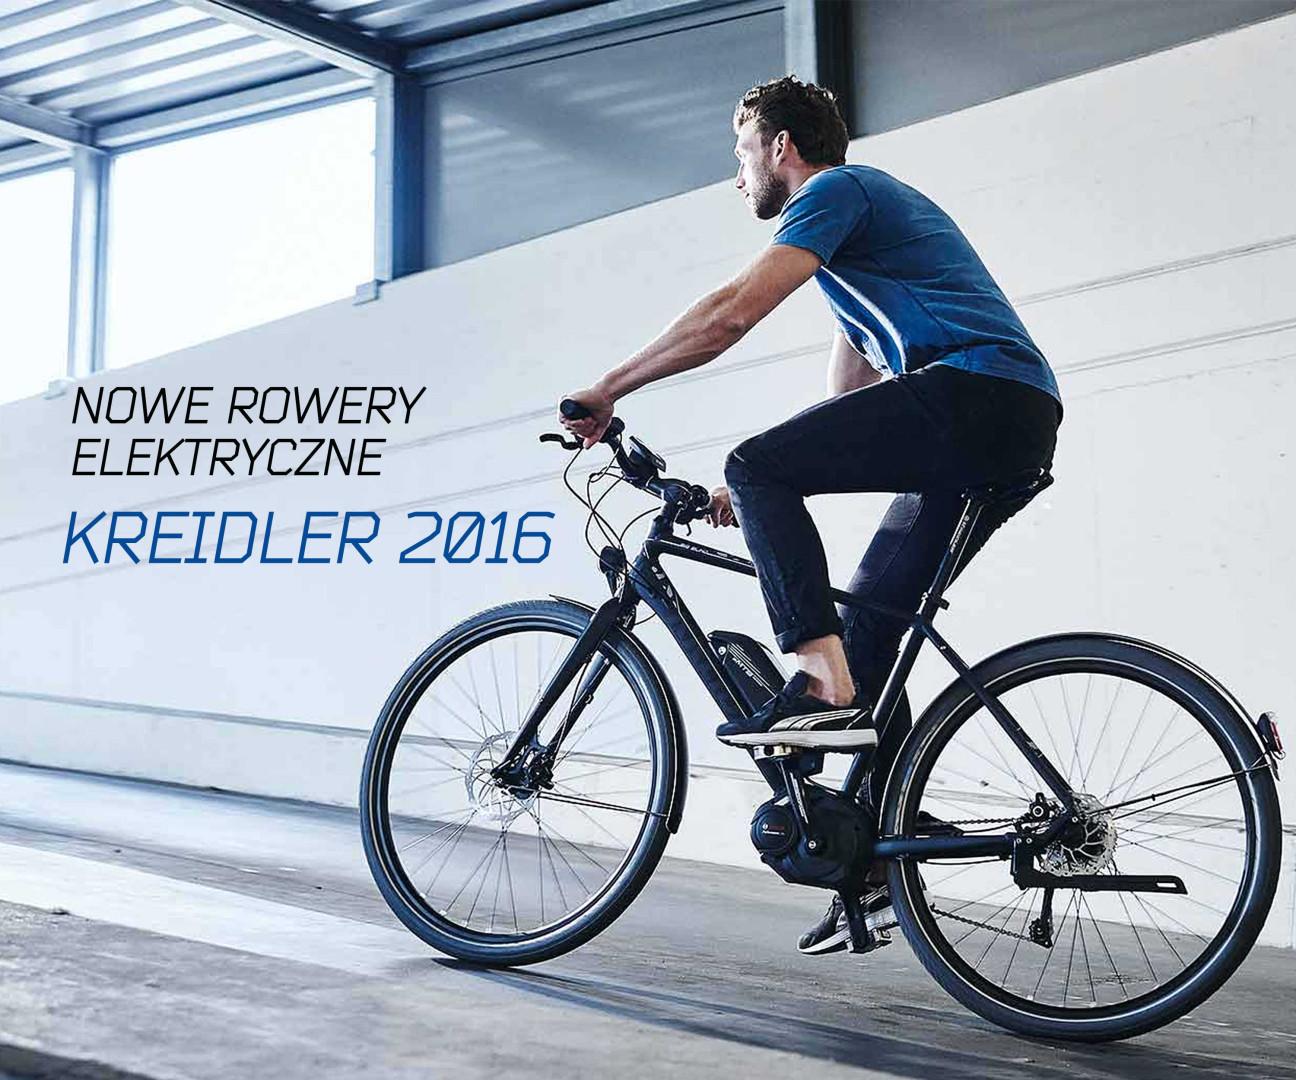 Rowery elektryczne marki Kreidler. Kolekcja 2016 to aż 27 nowych modeli [PR]